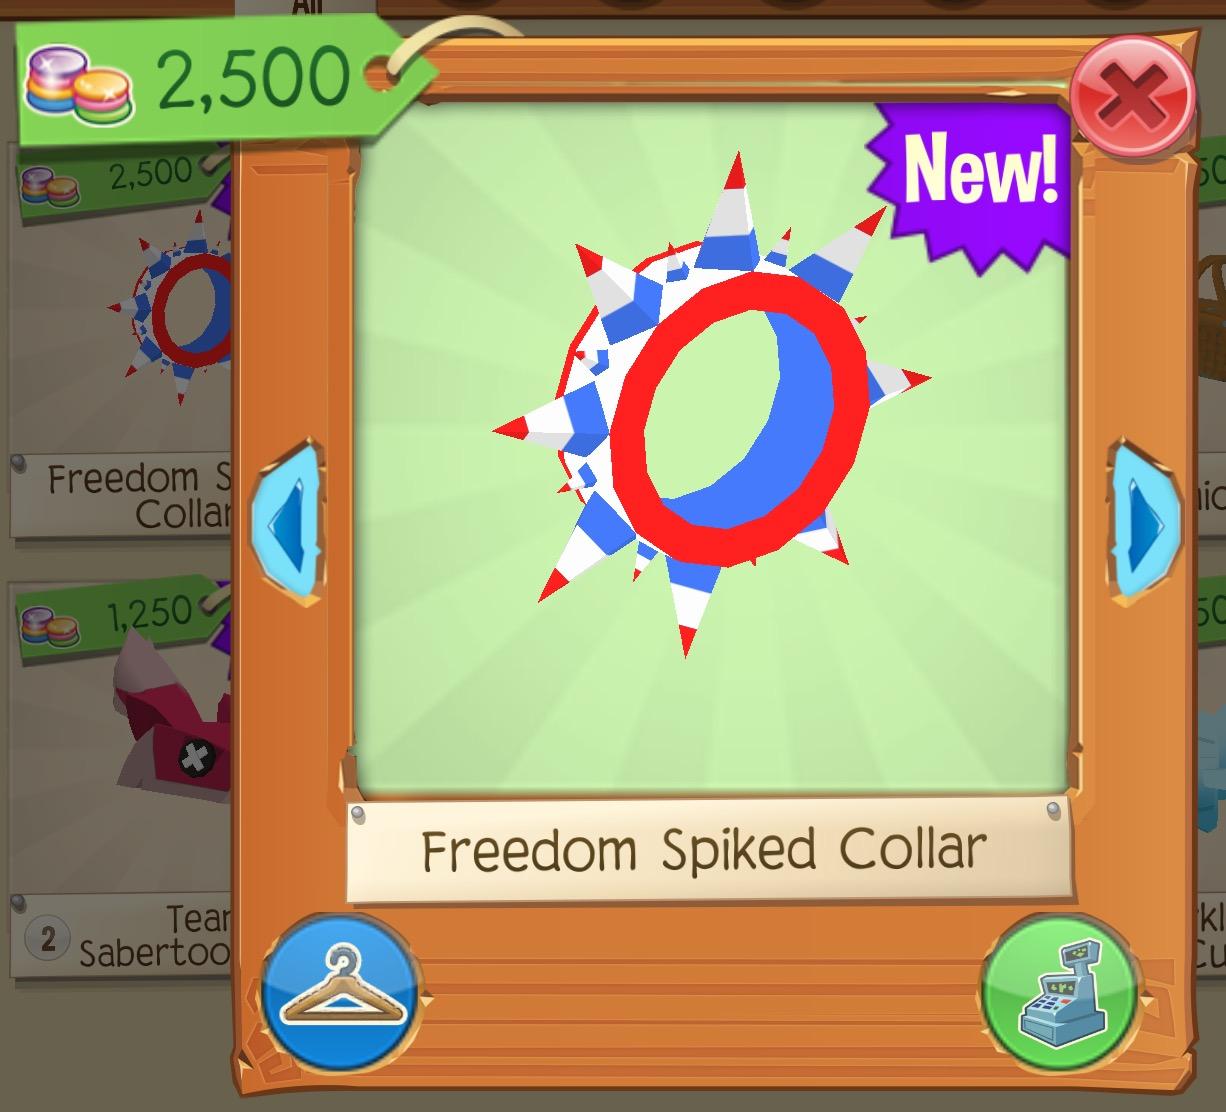 Freedom Spiked Collar | Play Wild Wiki | FANDOM powered by Wikia